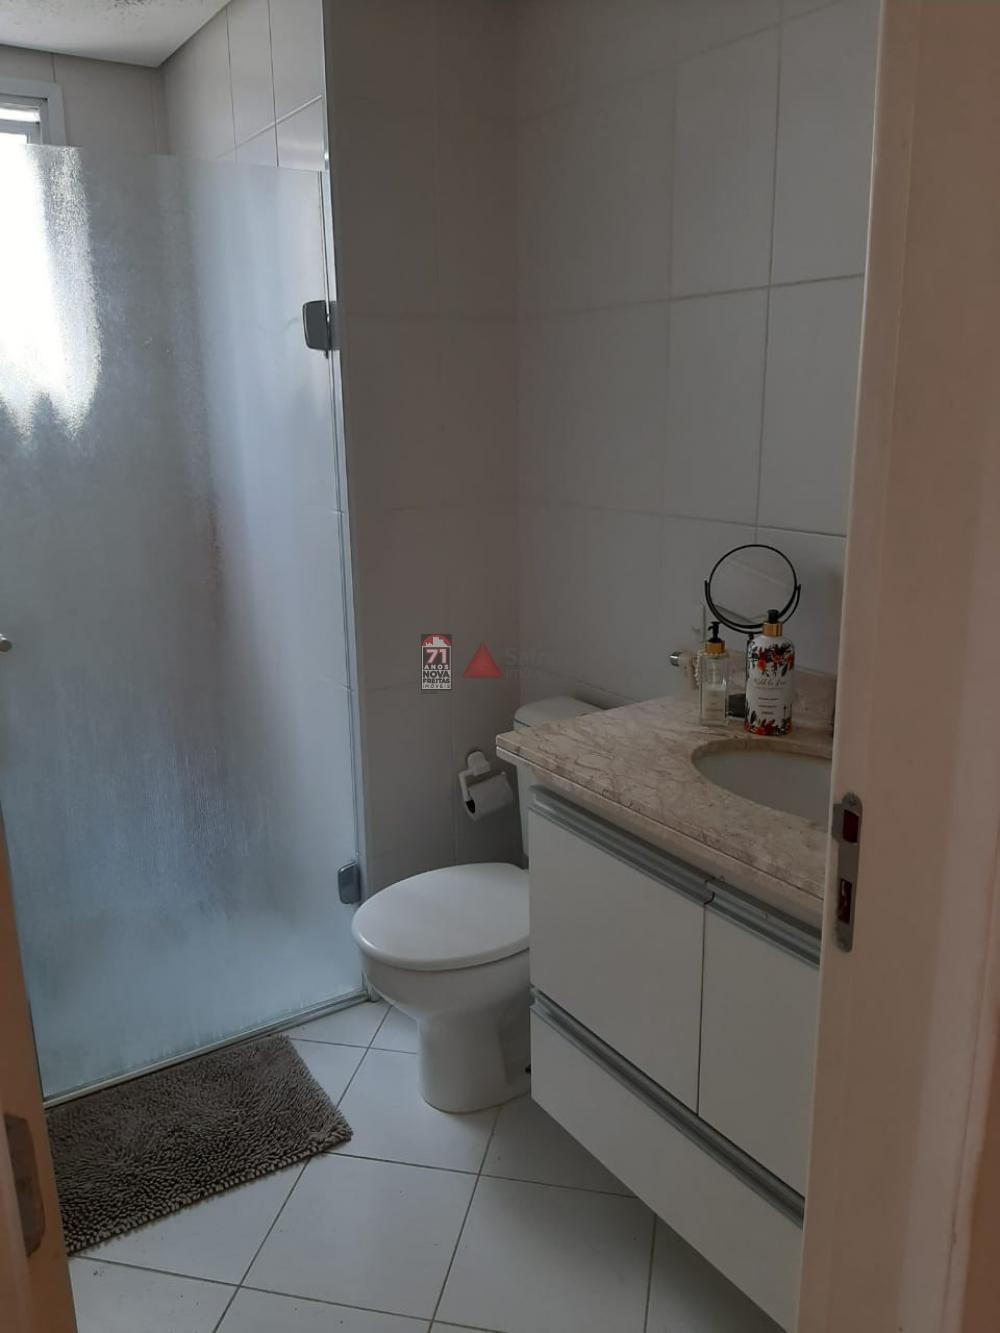 Comprar Apartamento / Padrão em São José dos Campos R$ 610.000,00 - Foto 6